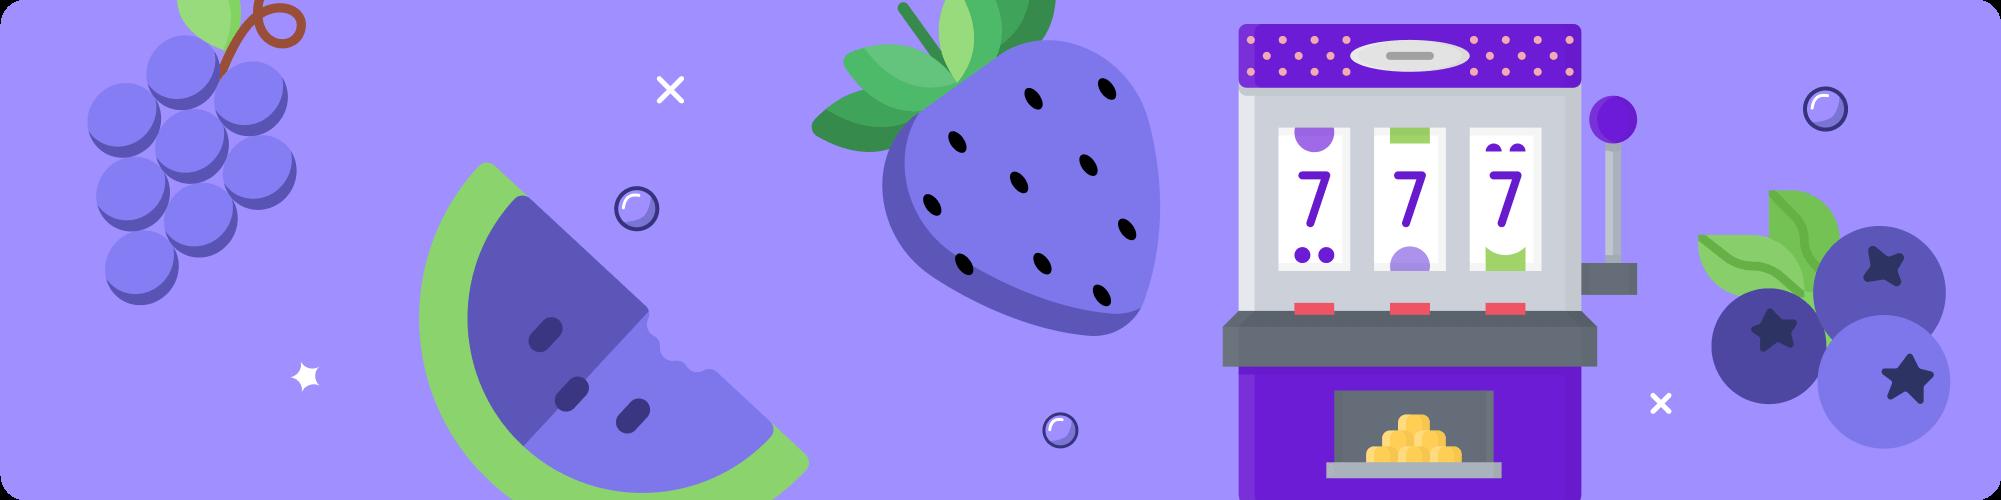 Co jsou to ovocné automaty?